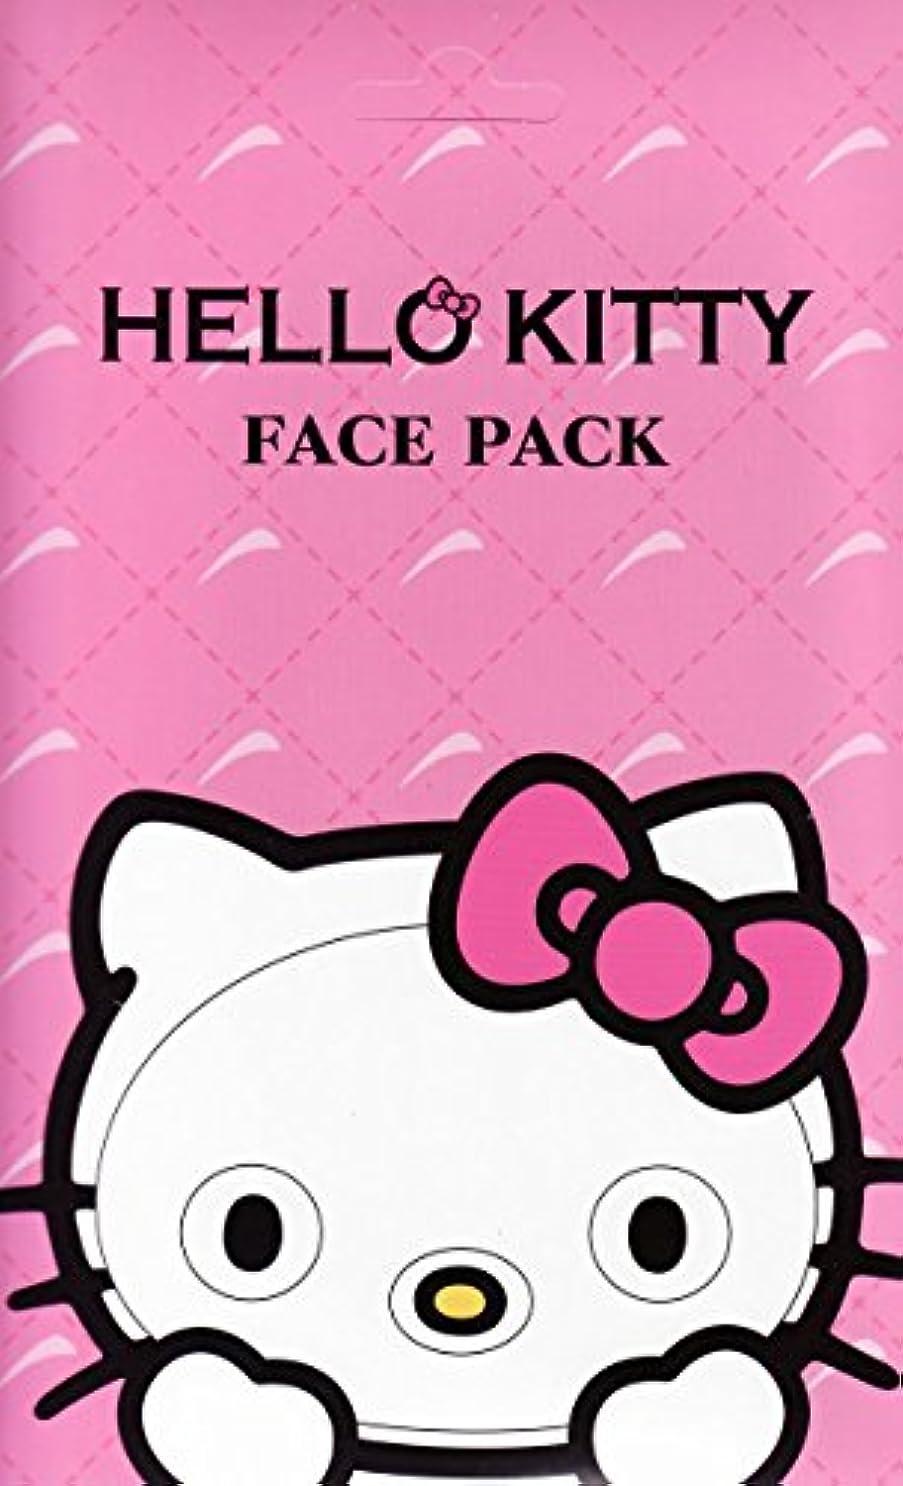 インスタンス溶融コマースハローキティ なりきりフェイスパック サクラの香り キティになれるフェイスパック